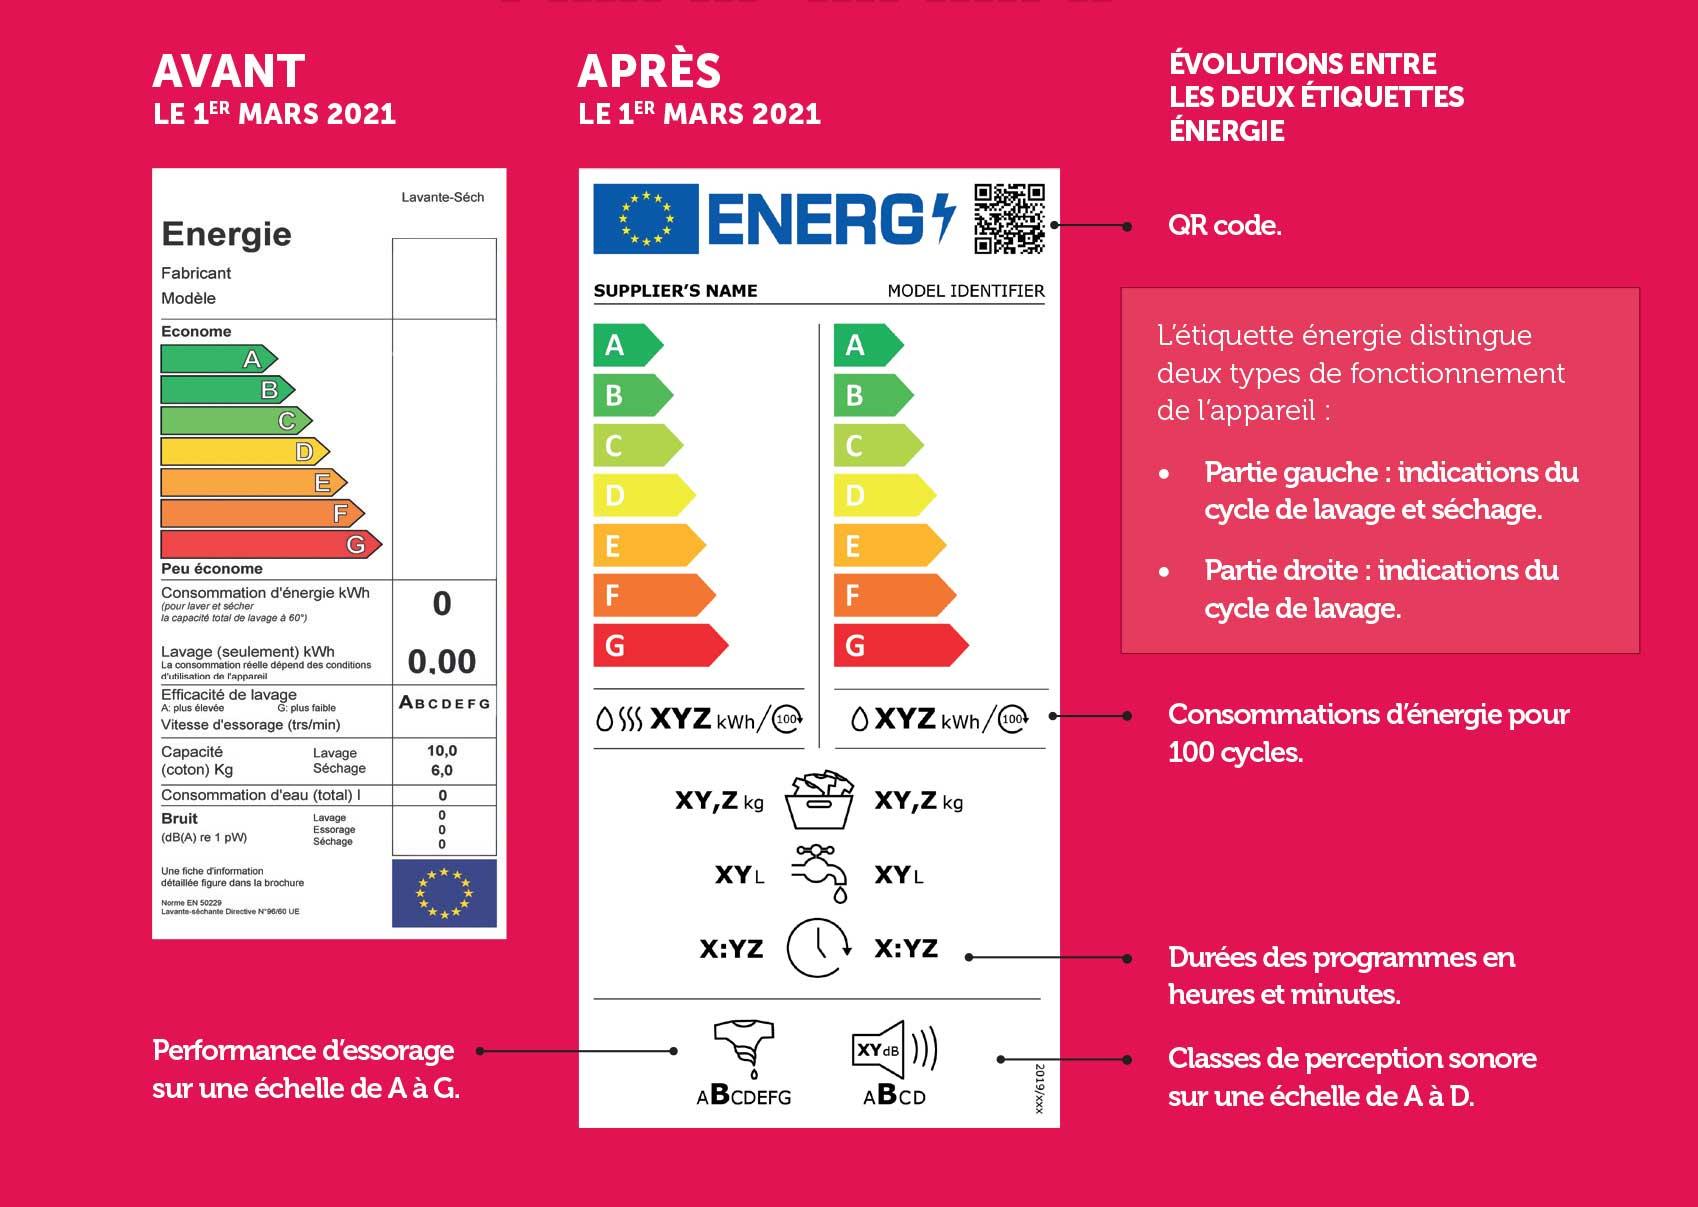 Ancienne VS Nouvelle étiquette énergie pour un lave-linge